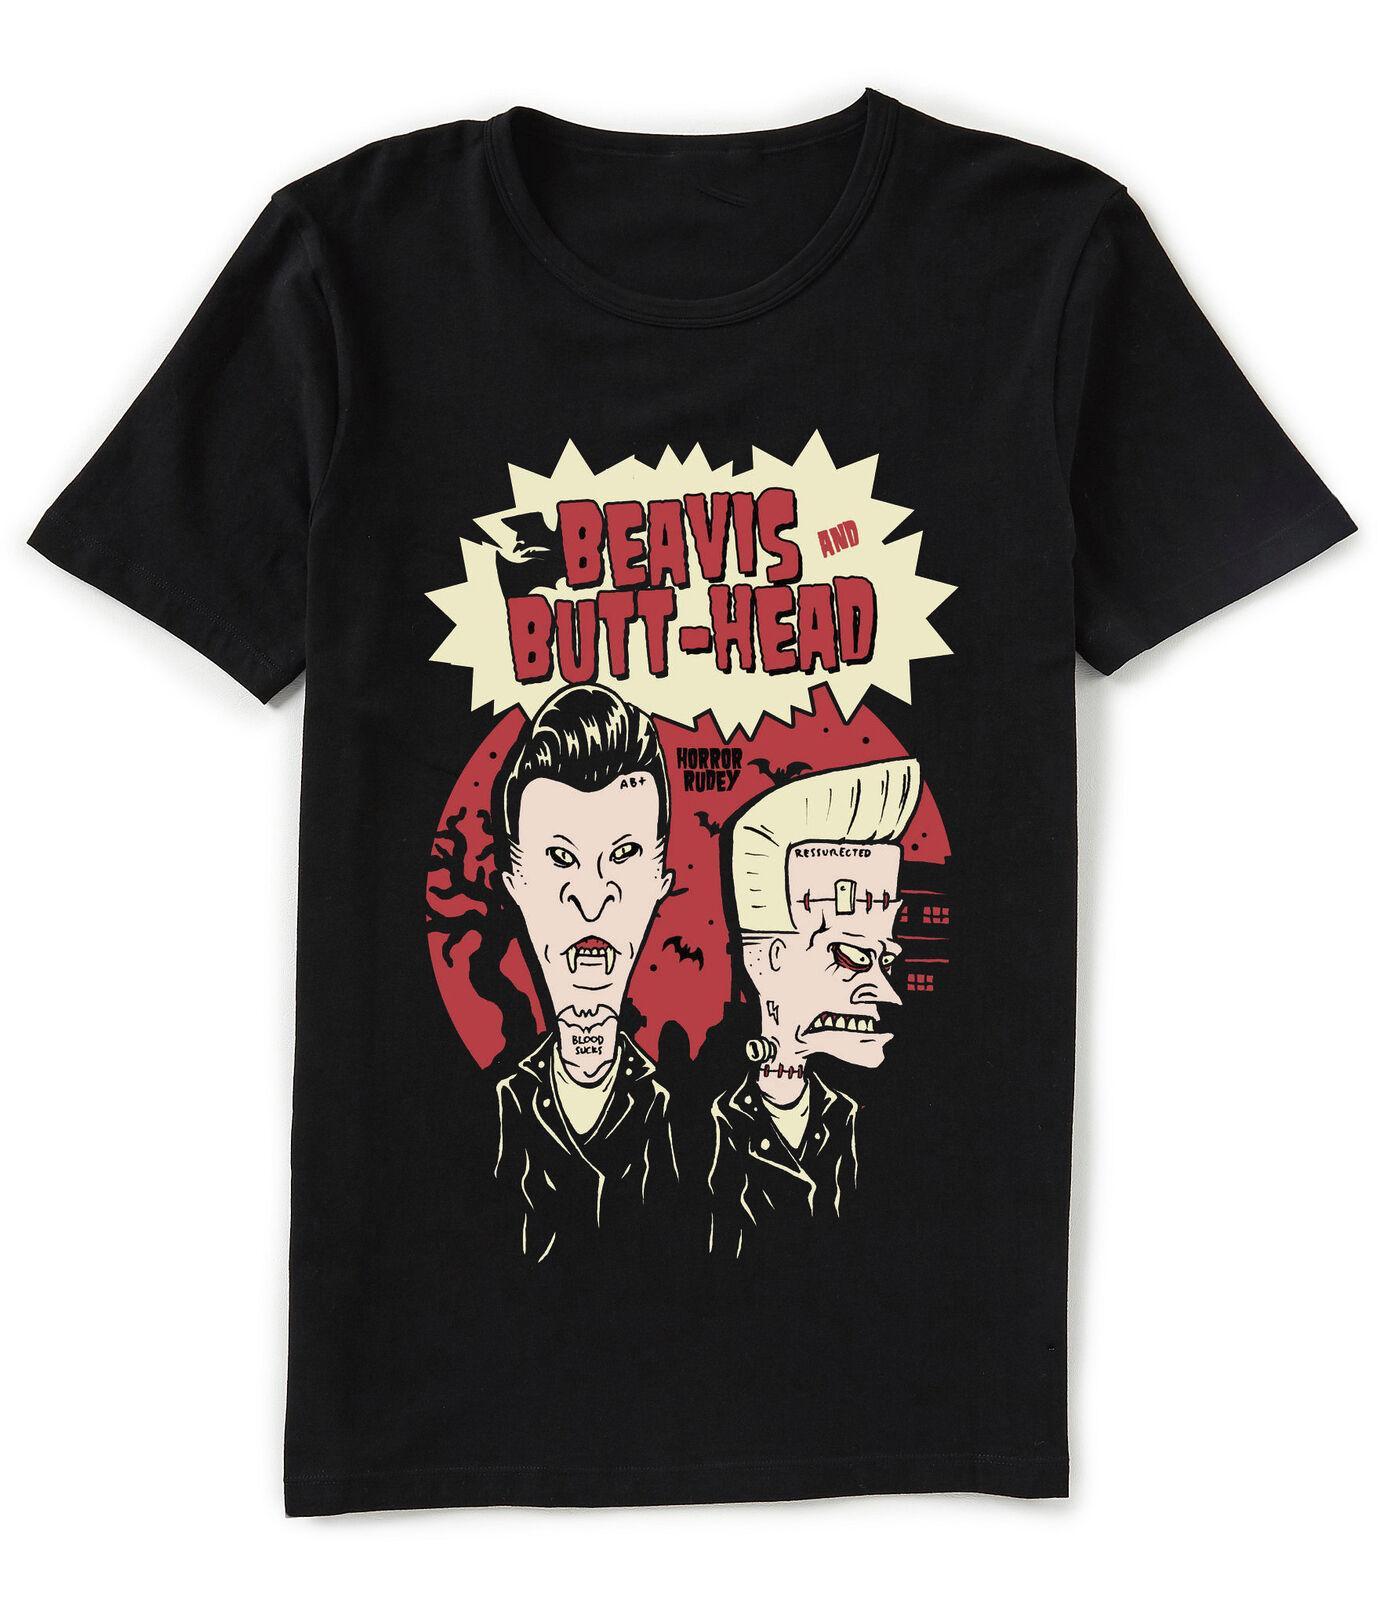 Beavis ve Butthead Korku Rudey Vampir ve Frankenstein Siyah Tişört Klasik Pamuk Tişörtlü Yaka Kısa Kollu Üst Tee